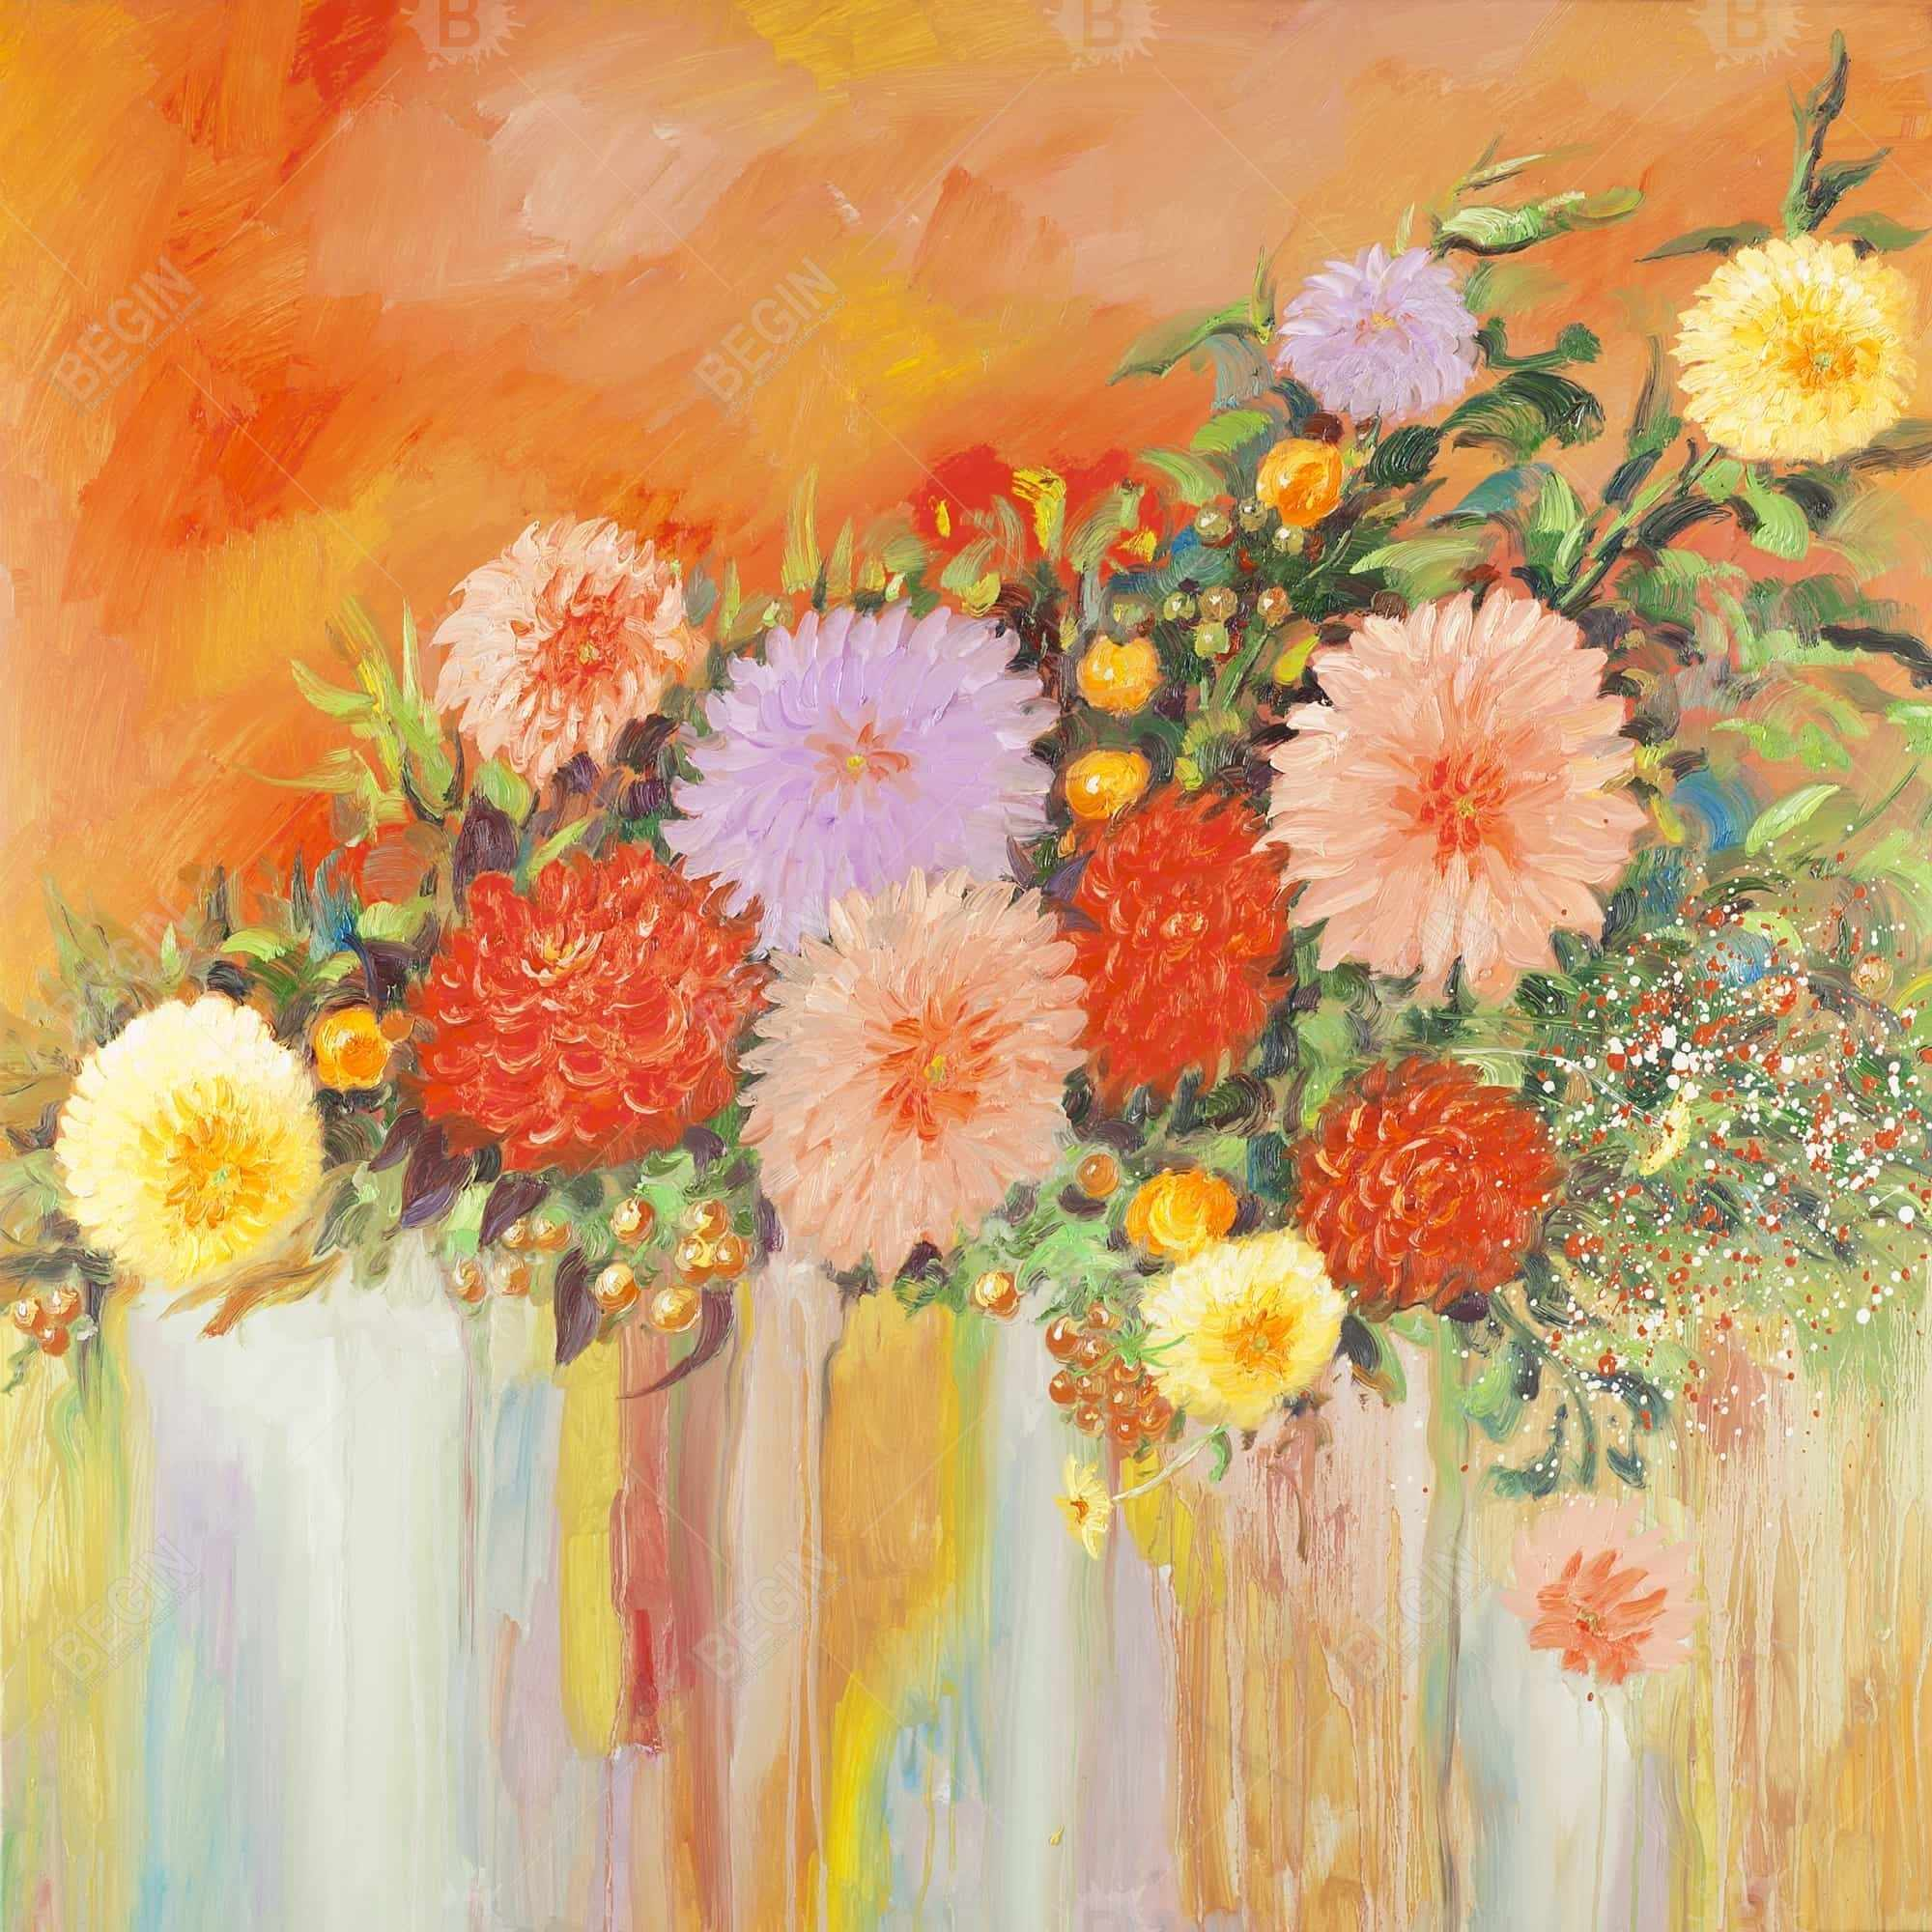 Fleurs pivoines abstraites et colorées